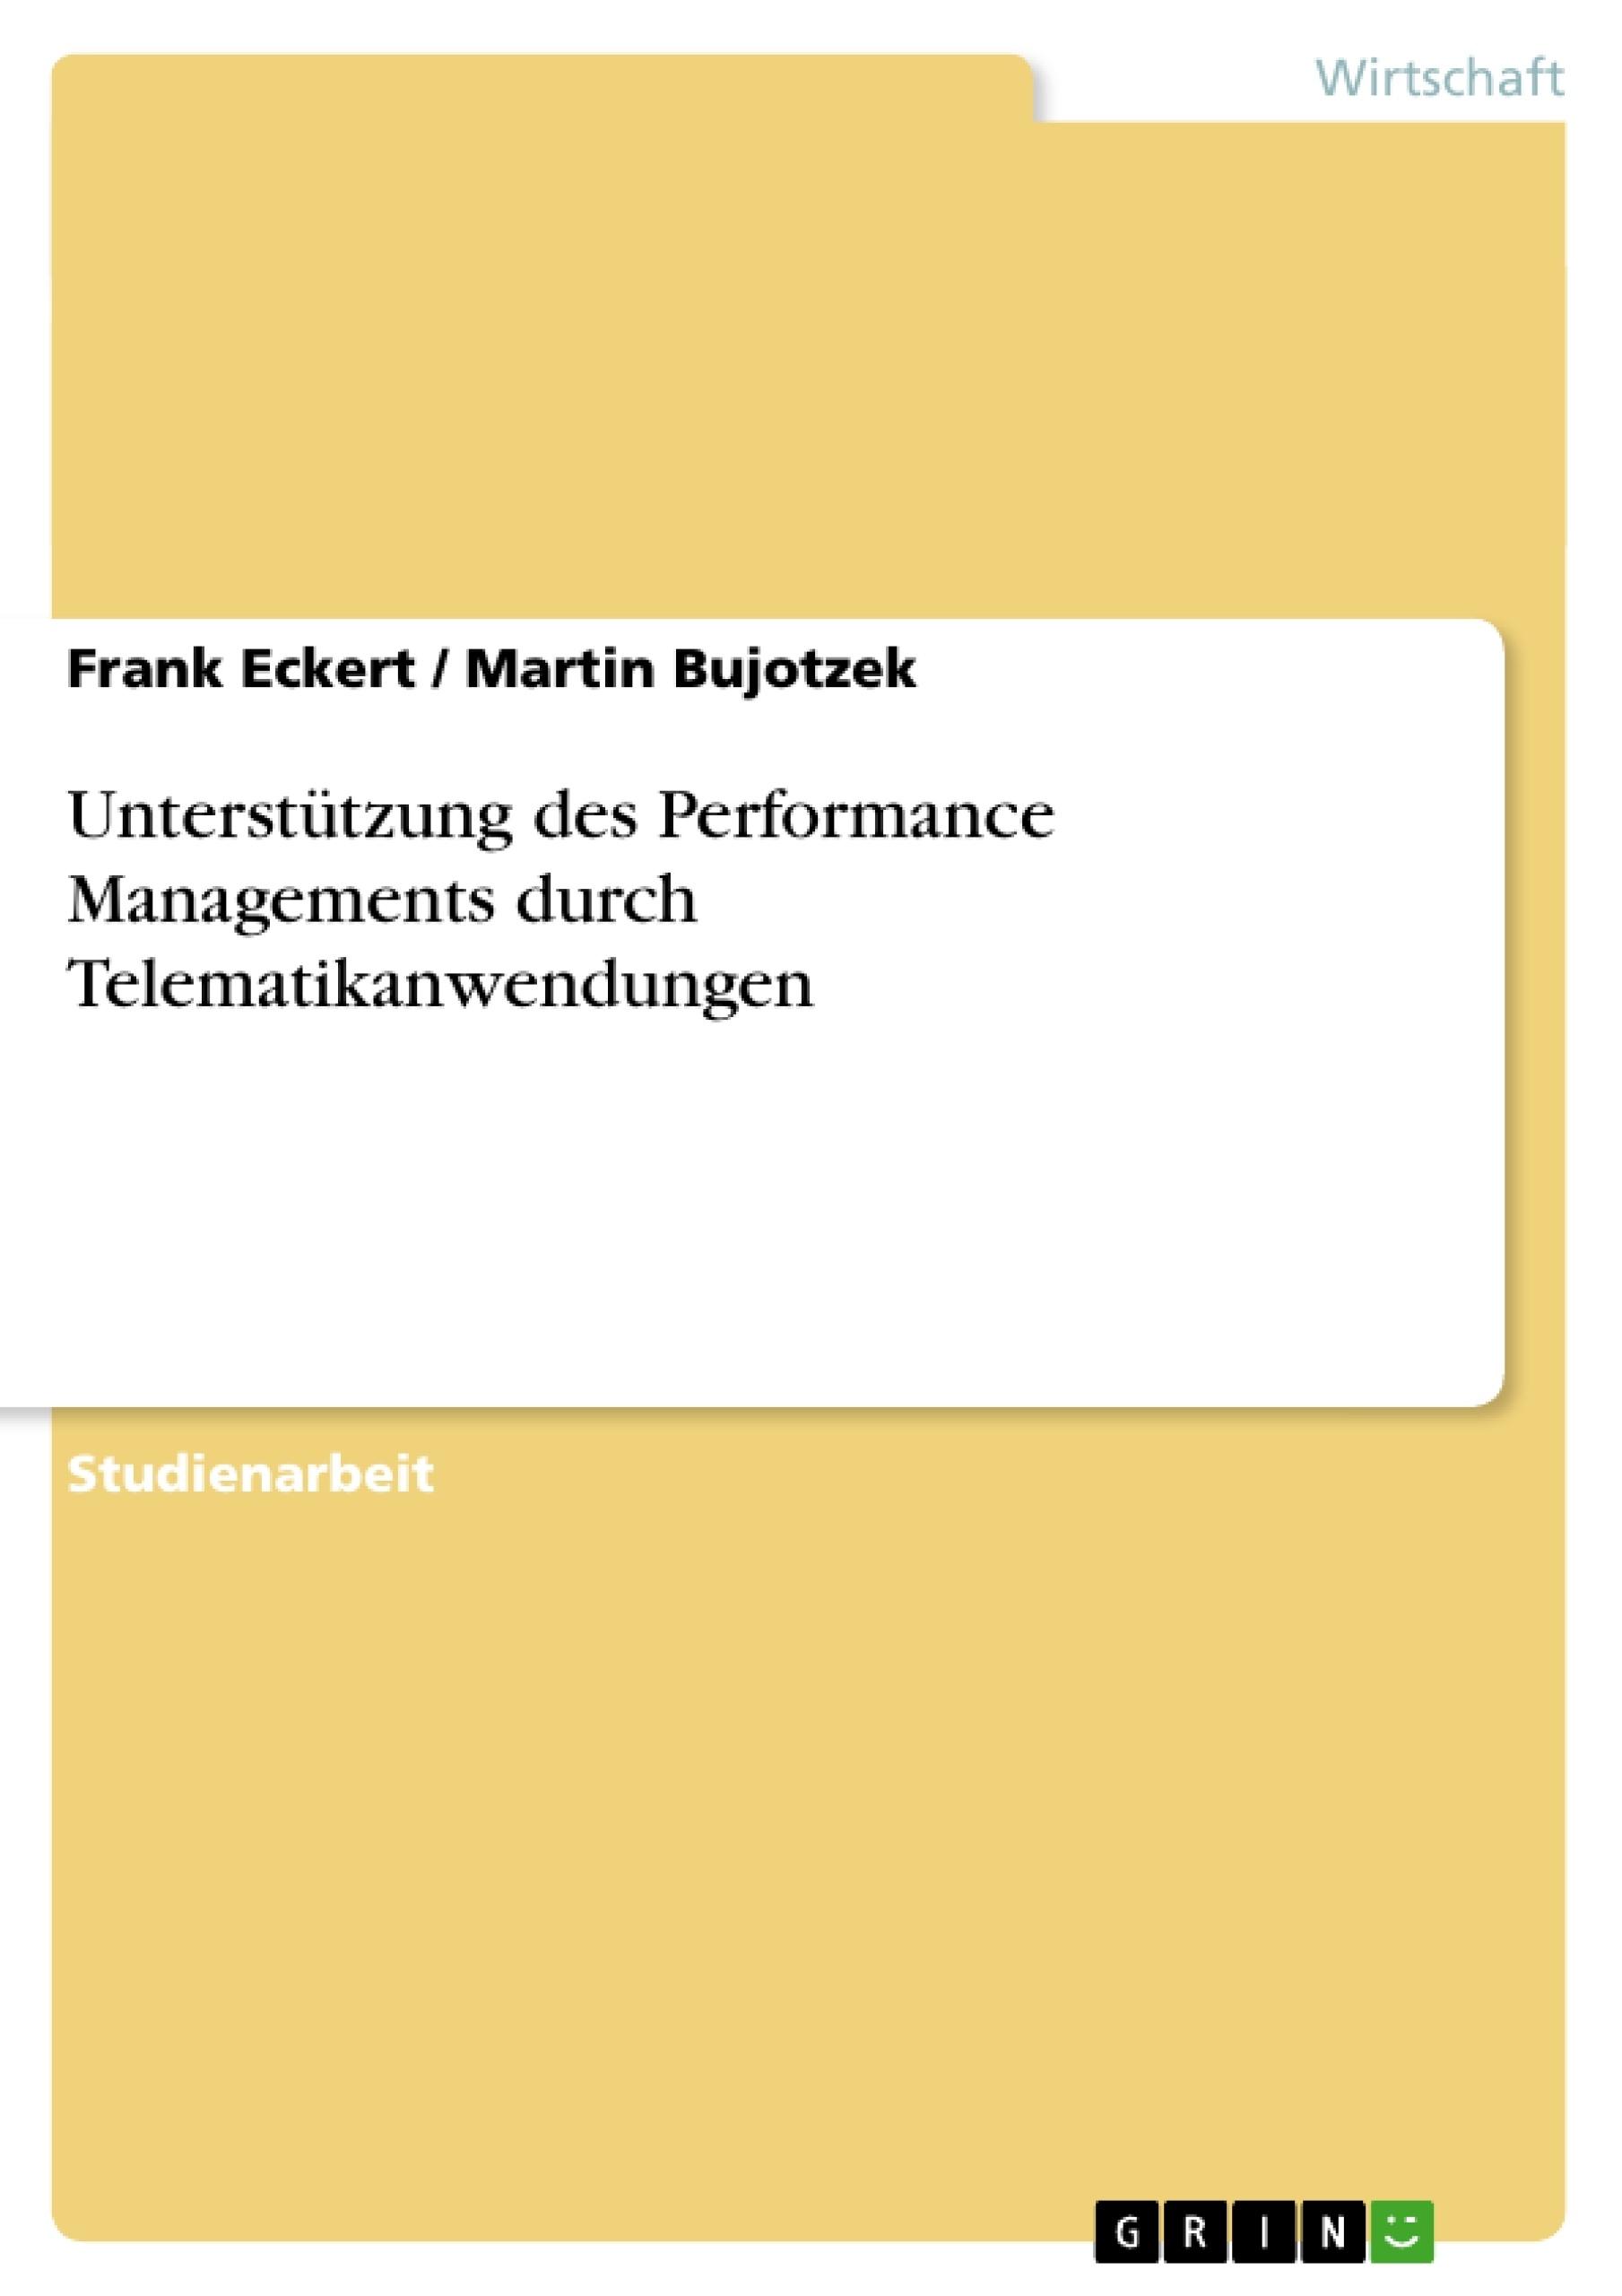 Titel: Unterstützung des Performance Managements durch Telematikanwendungen